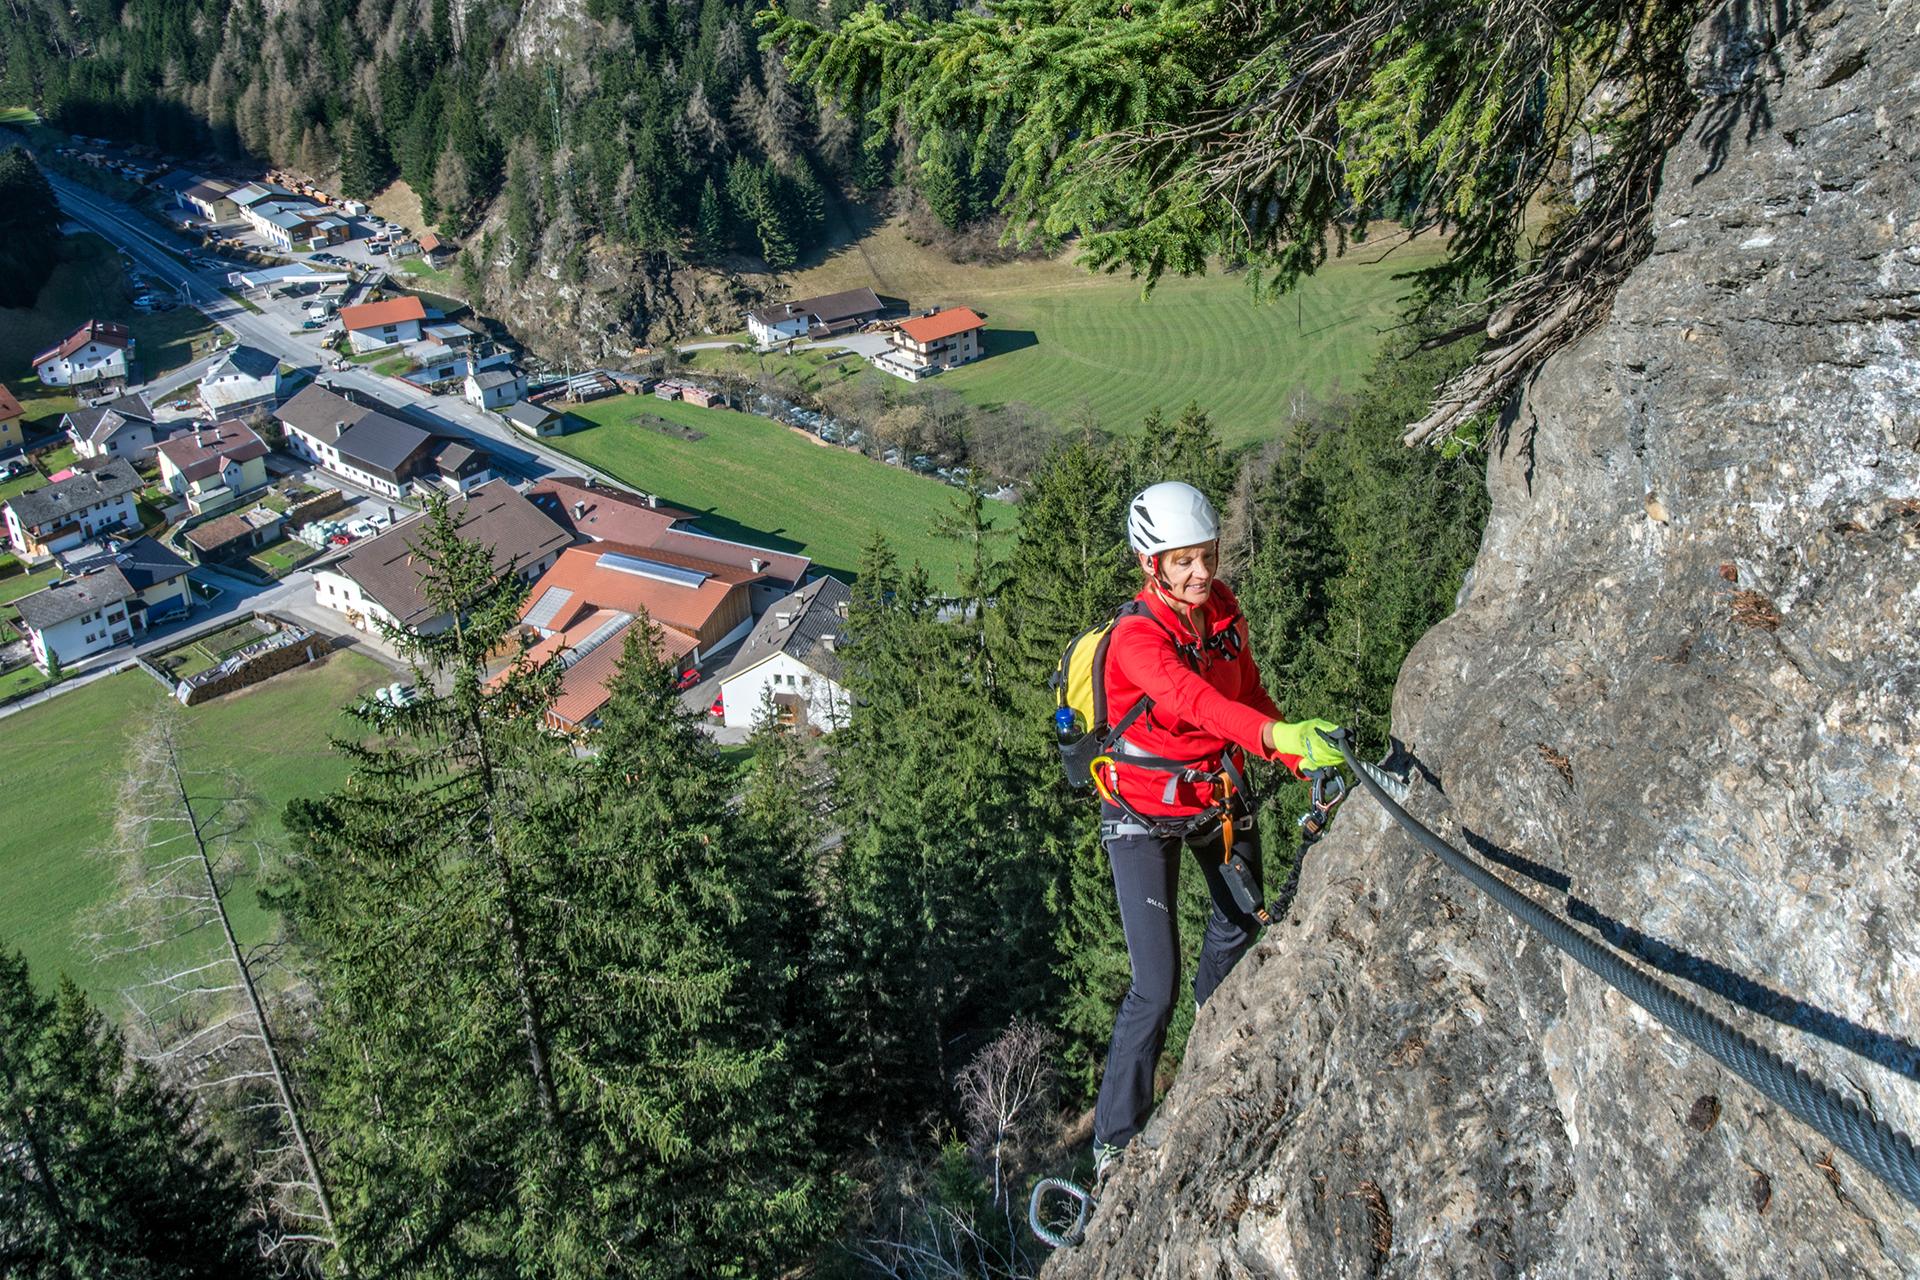 St Jodok Klettersteig : Hintergrundbilder stafflacherwand stjodok brenner bergfex